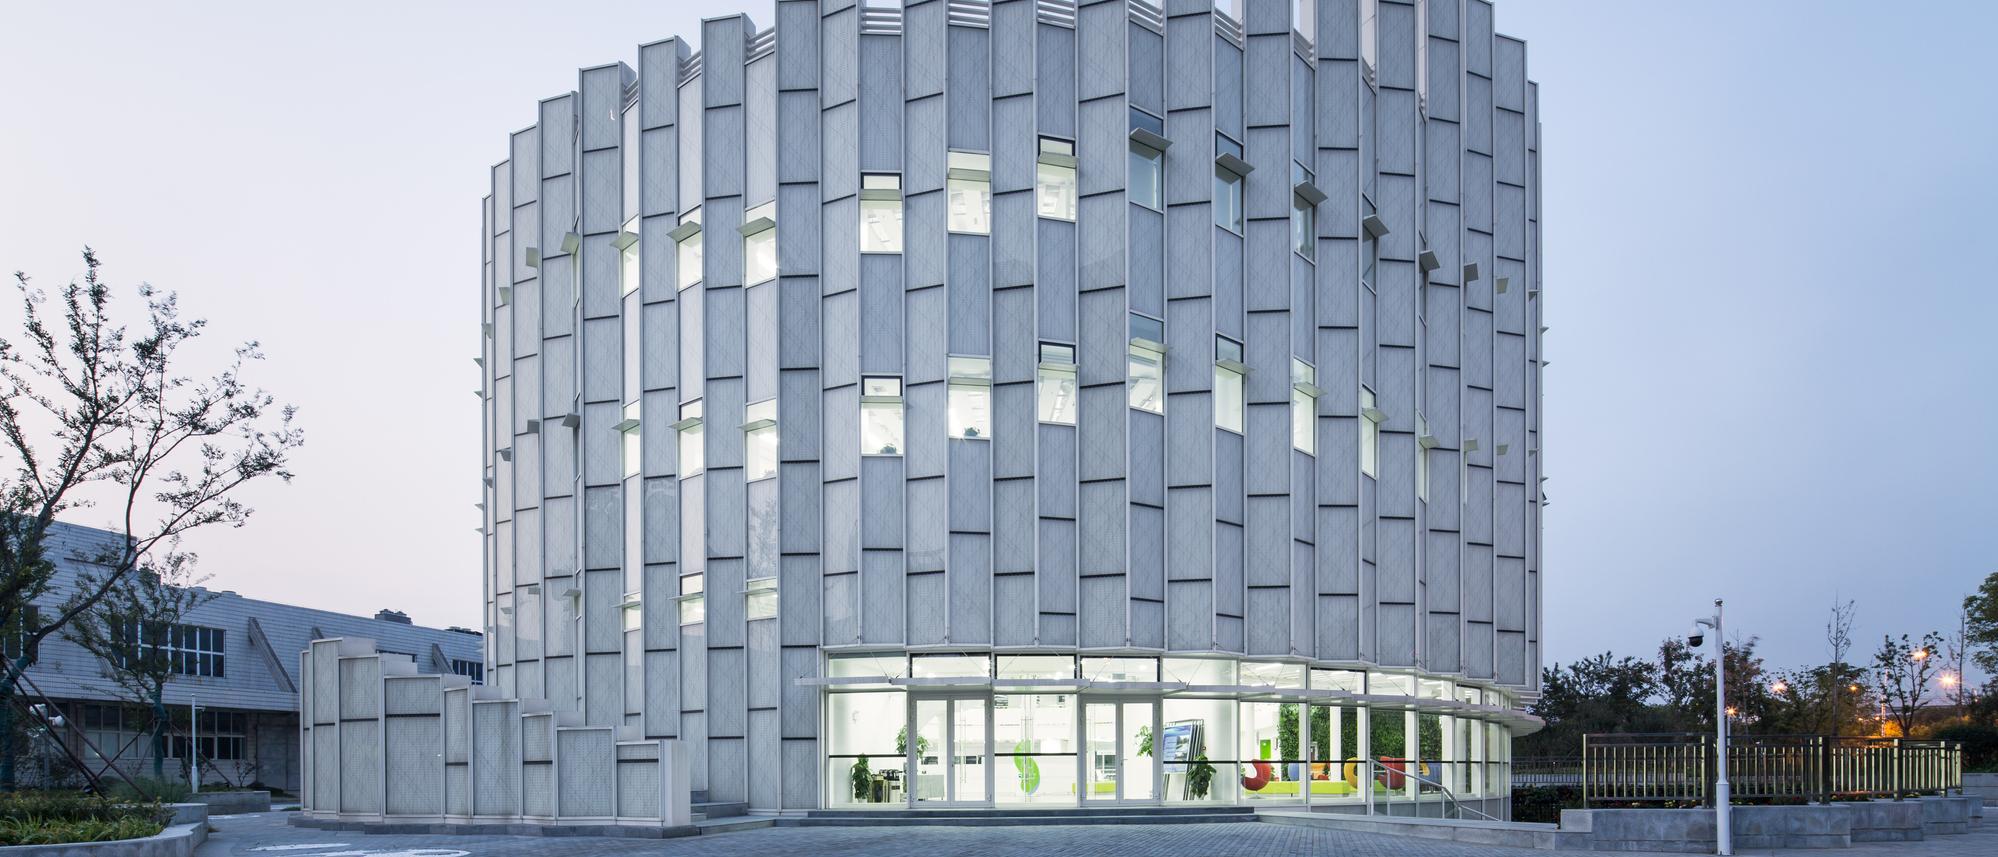 5 buitengewoon duurzame hoogstandjes in de architectuur